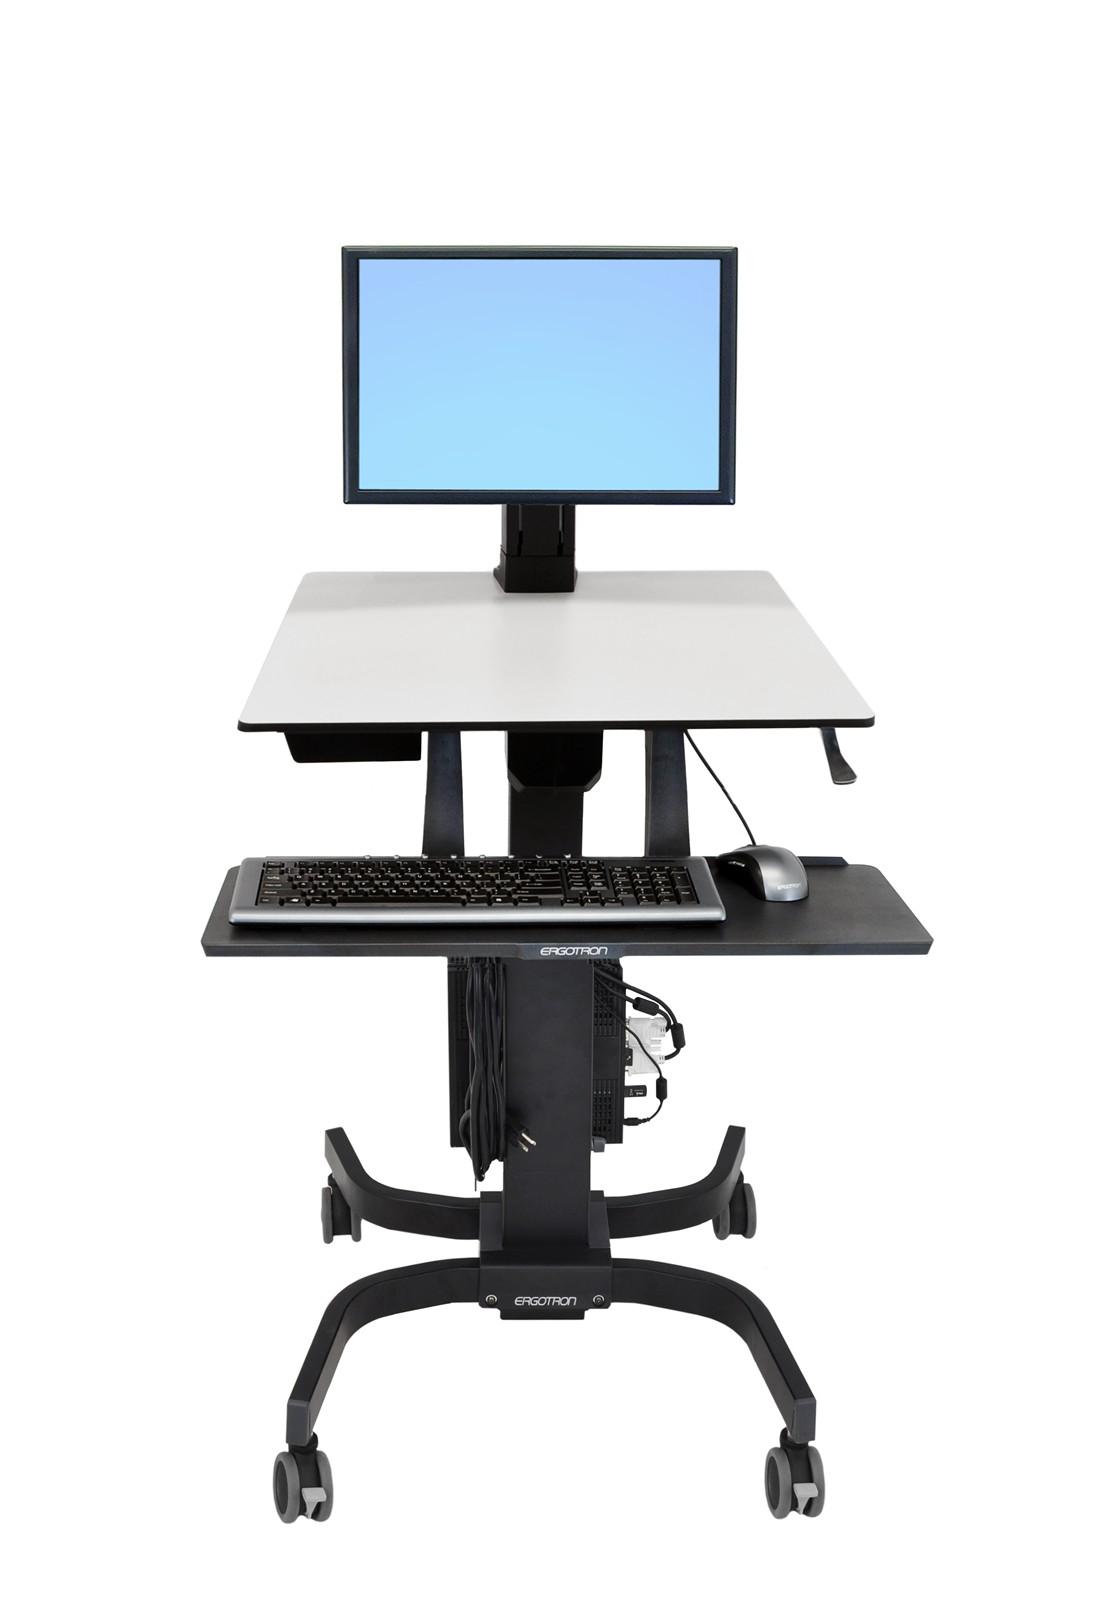 エルゴトロン WorkFit-C シングルディスプレイLD 昇降式ワークステーション 24-215-085